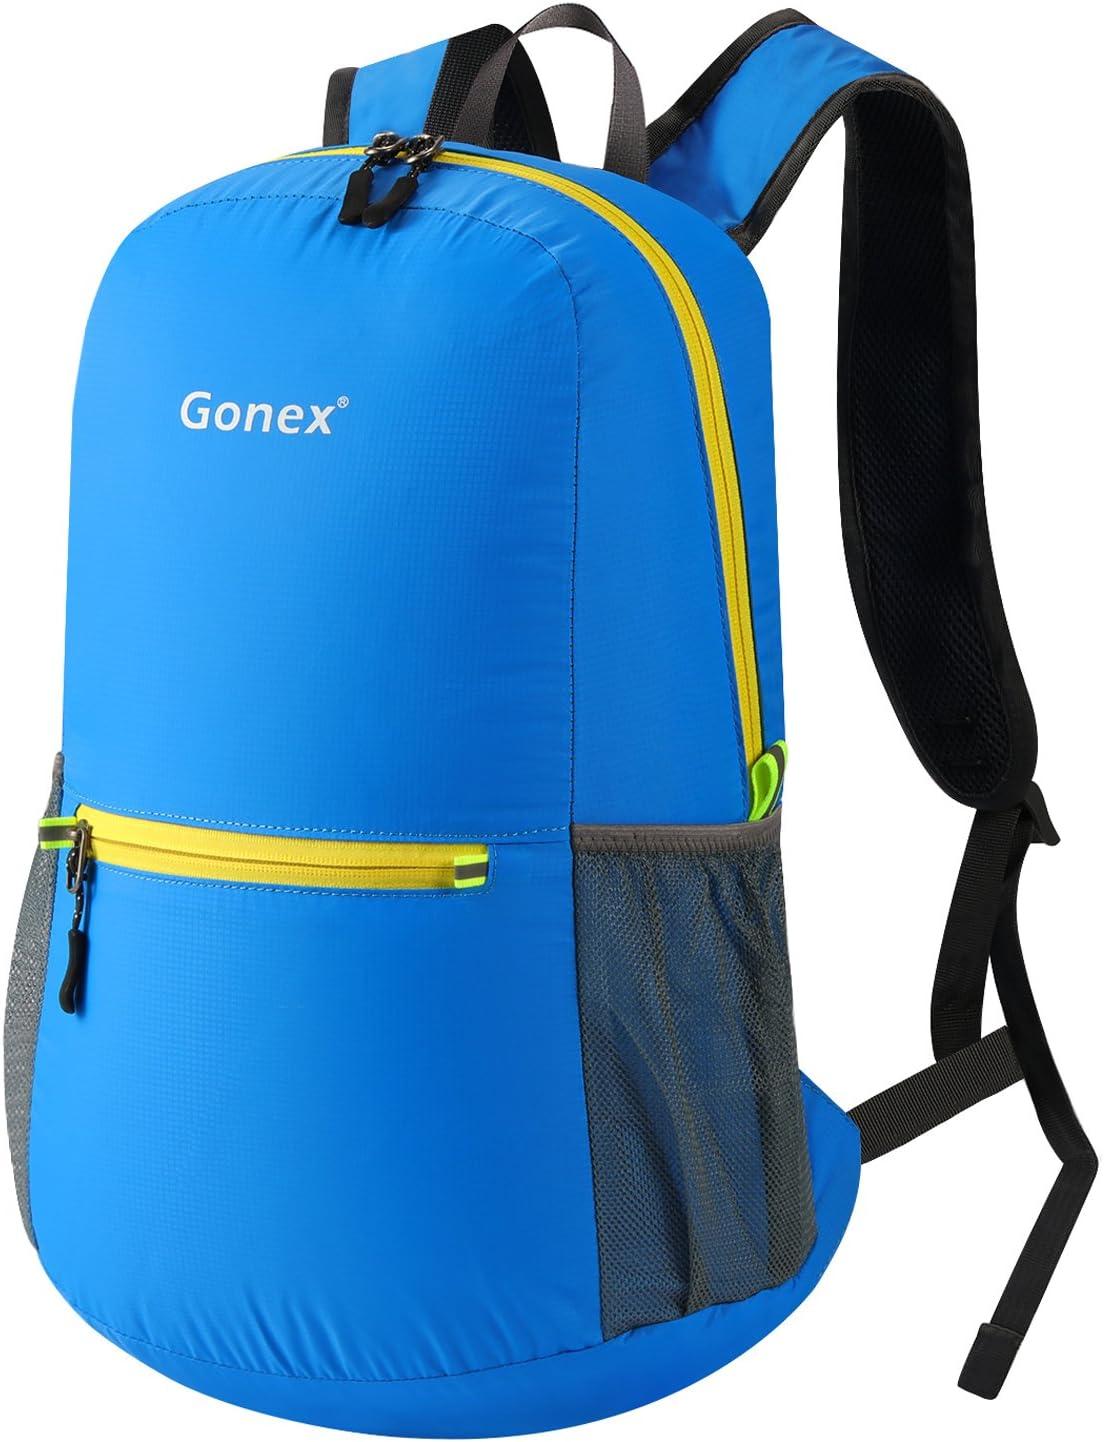 Der Gonex Unisex 20l  im Test - ein Faltrucksack zum kleinen Preis